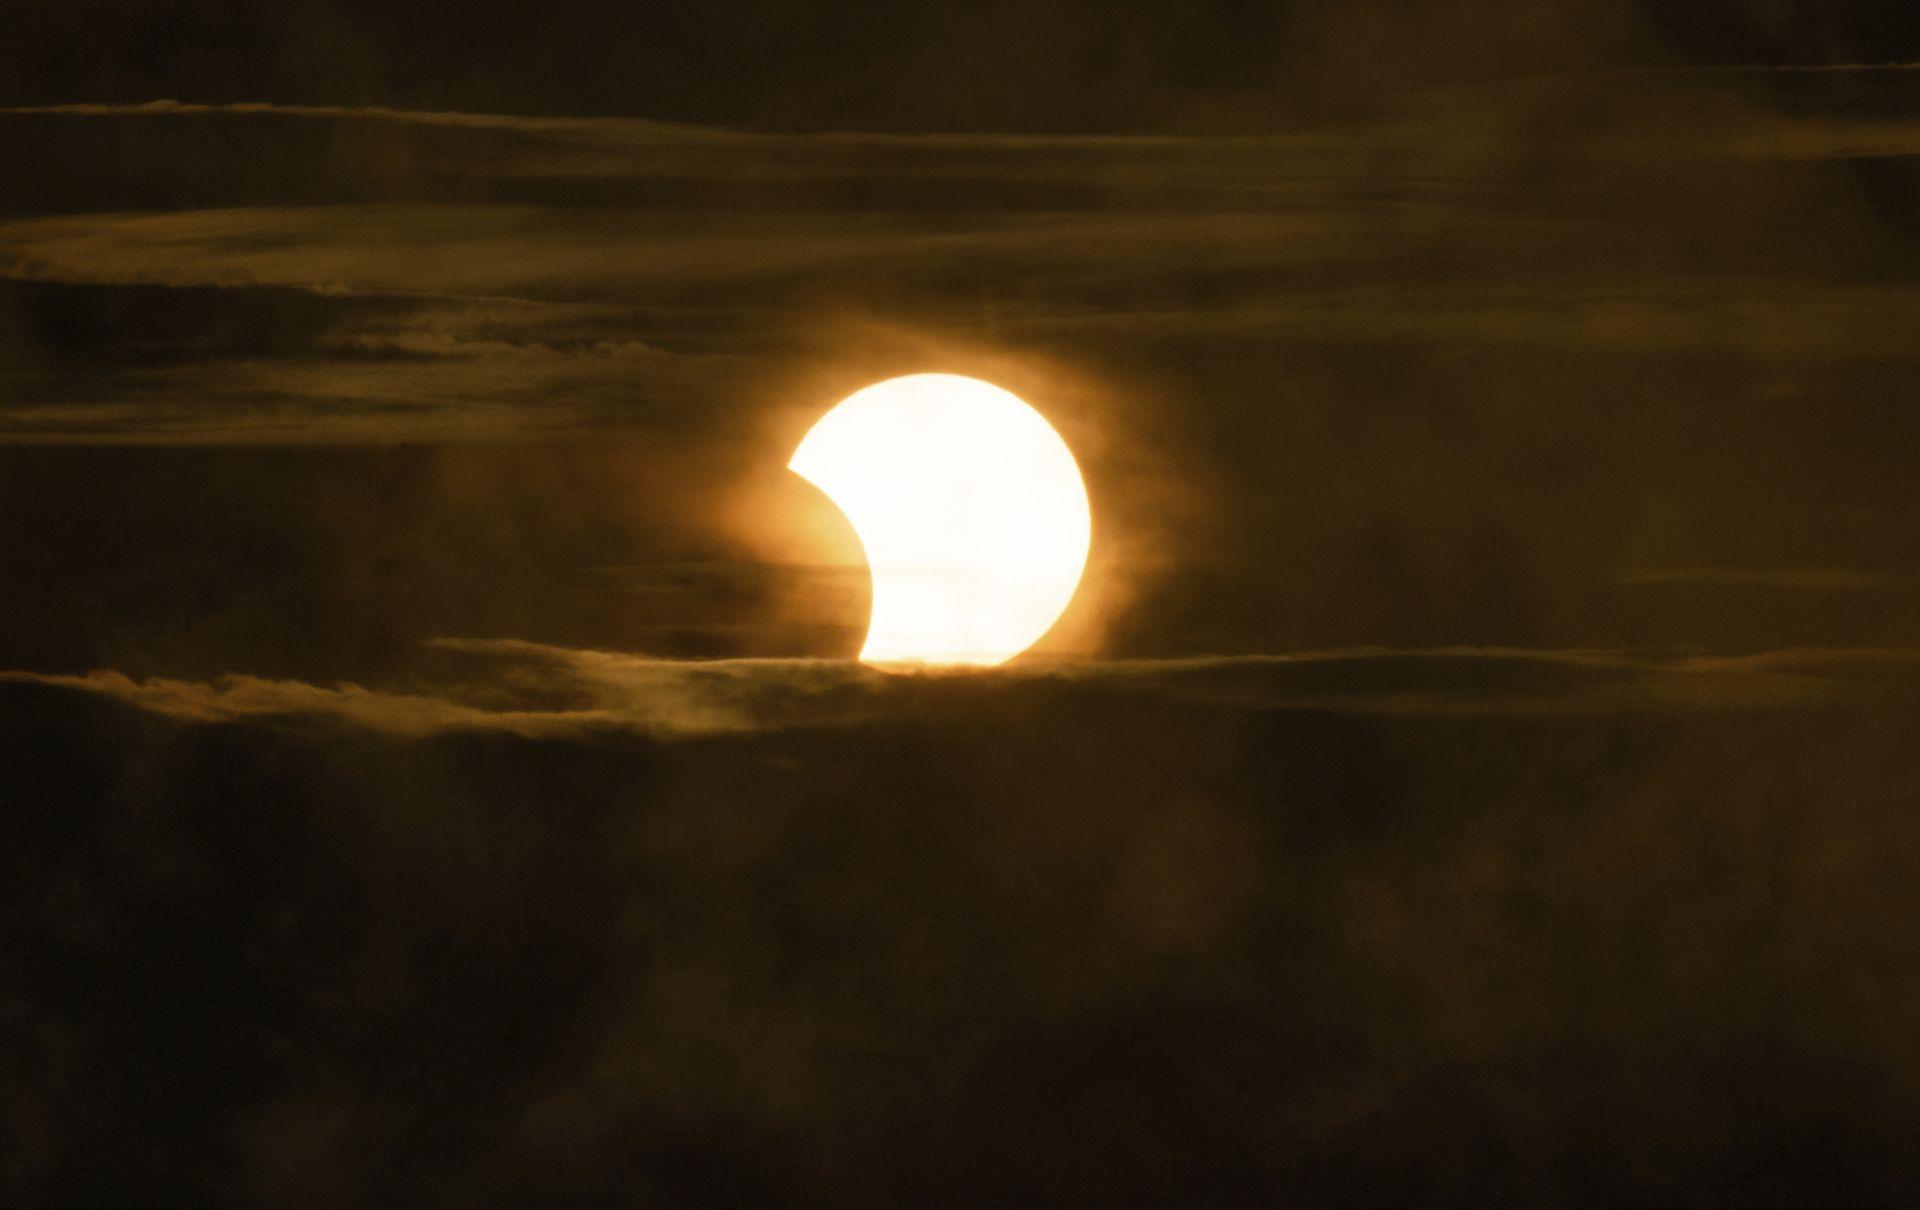 Частичното слънчево затъмнение над центъра на Питсбърг